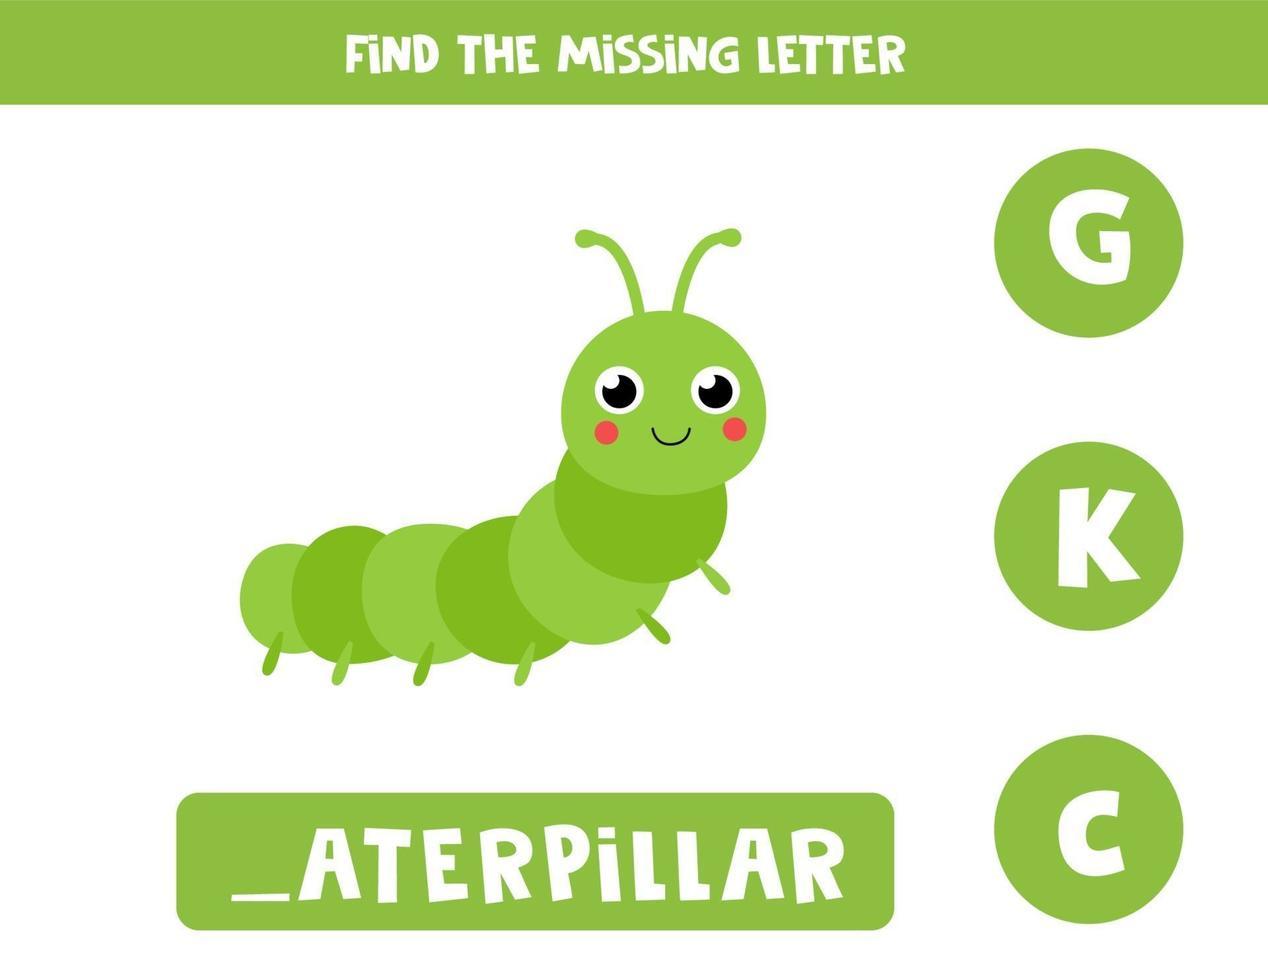 hitta saknad brev. kartong larv illustration. logiskt spel. vektor